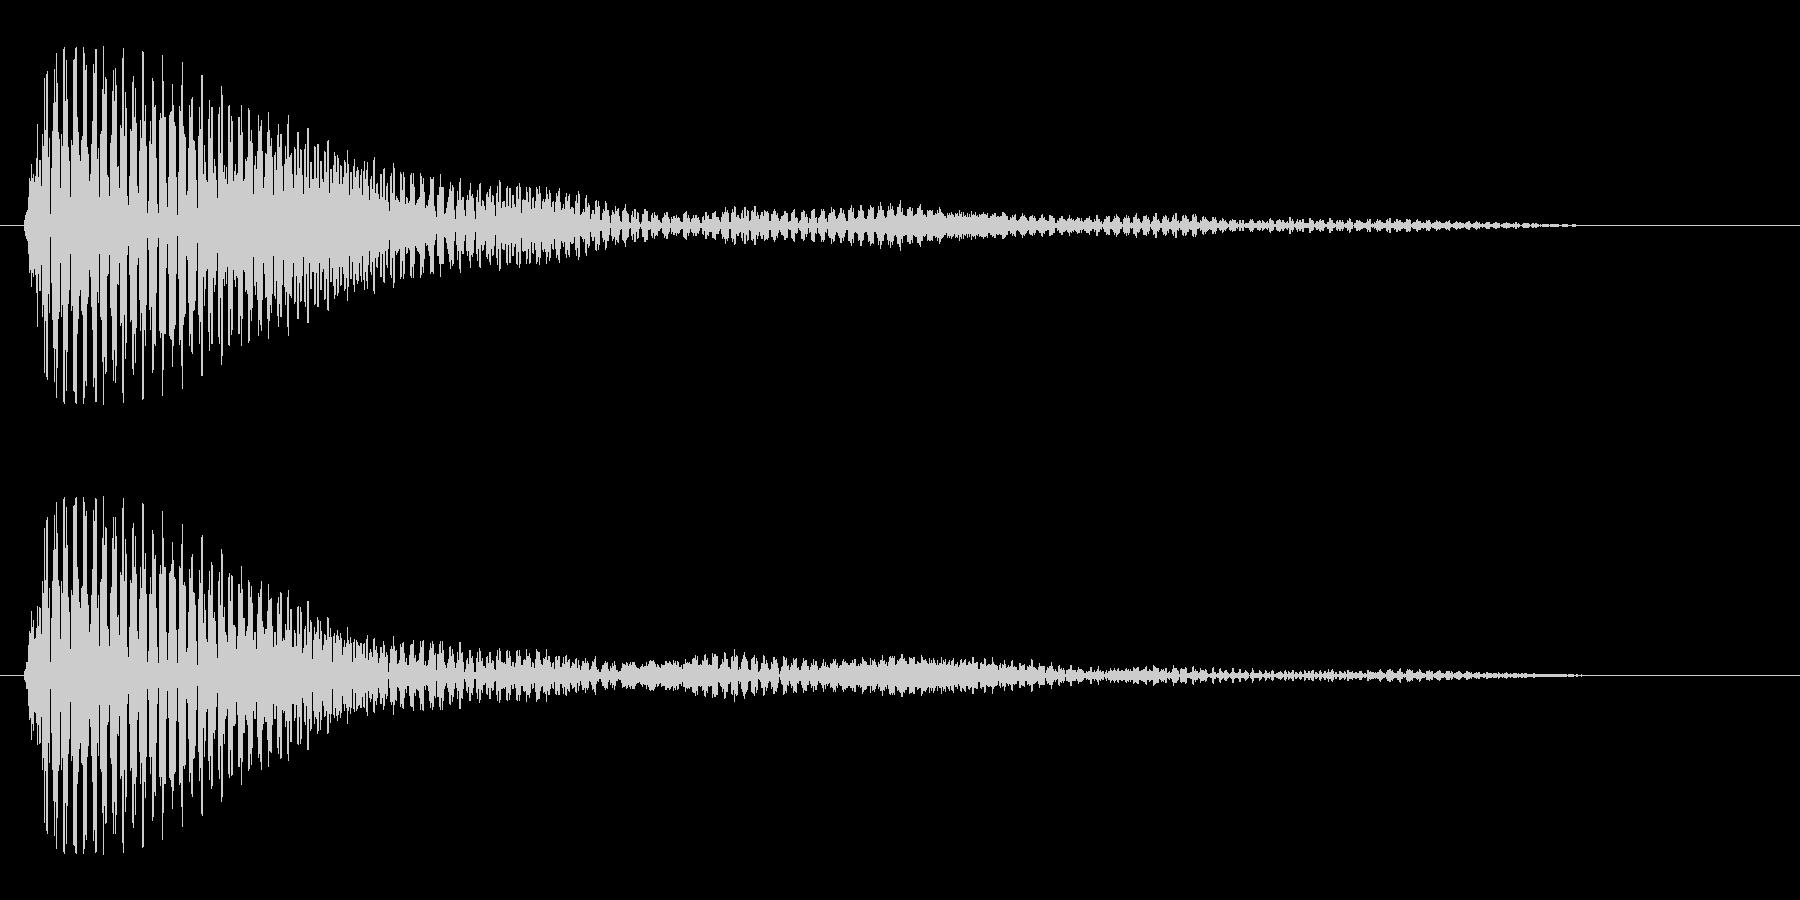 ポッやポーンと聞こえる1秒の効果音の未再生の波形